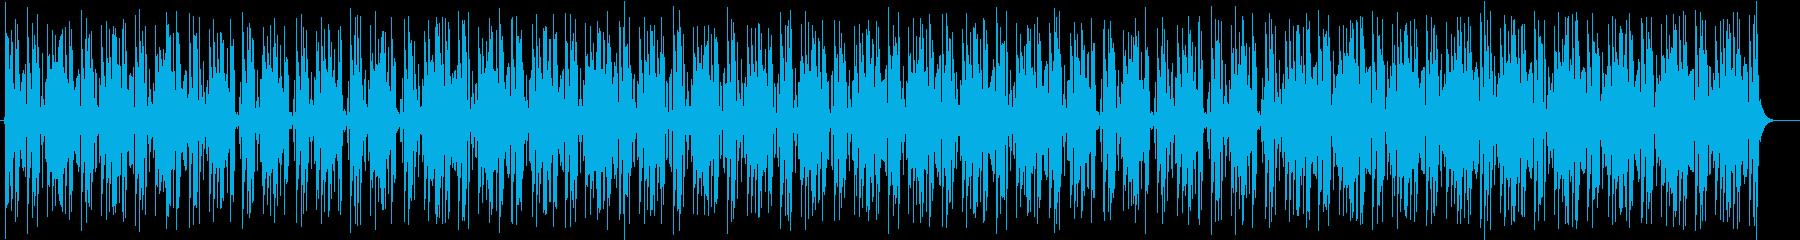 軽やかで涼しげなシンセサイザーサウンドの再生済みの波形